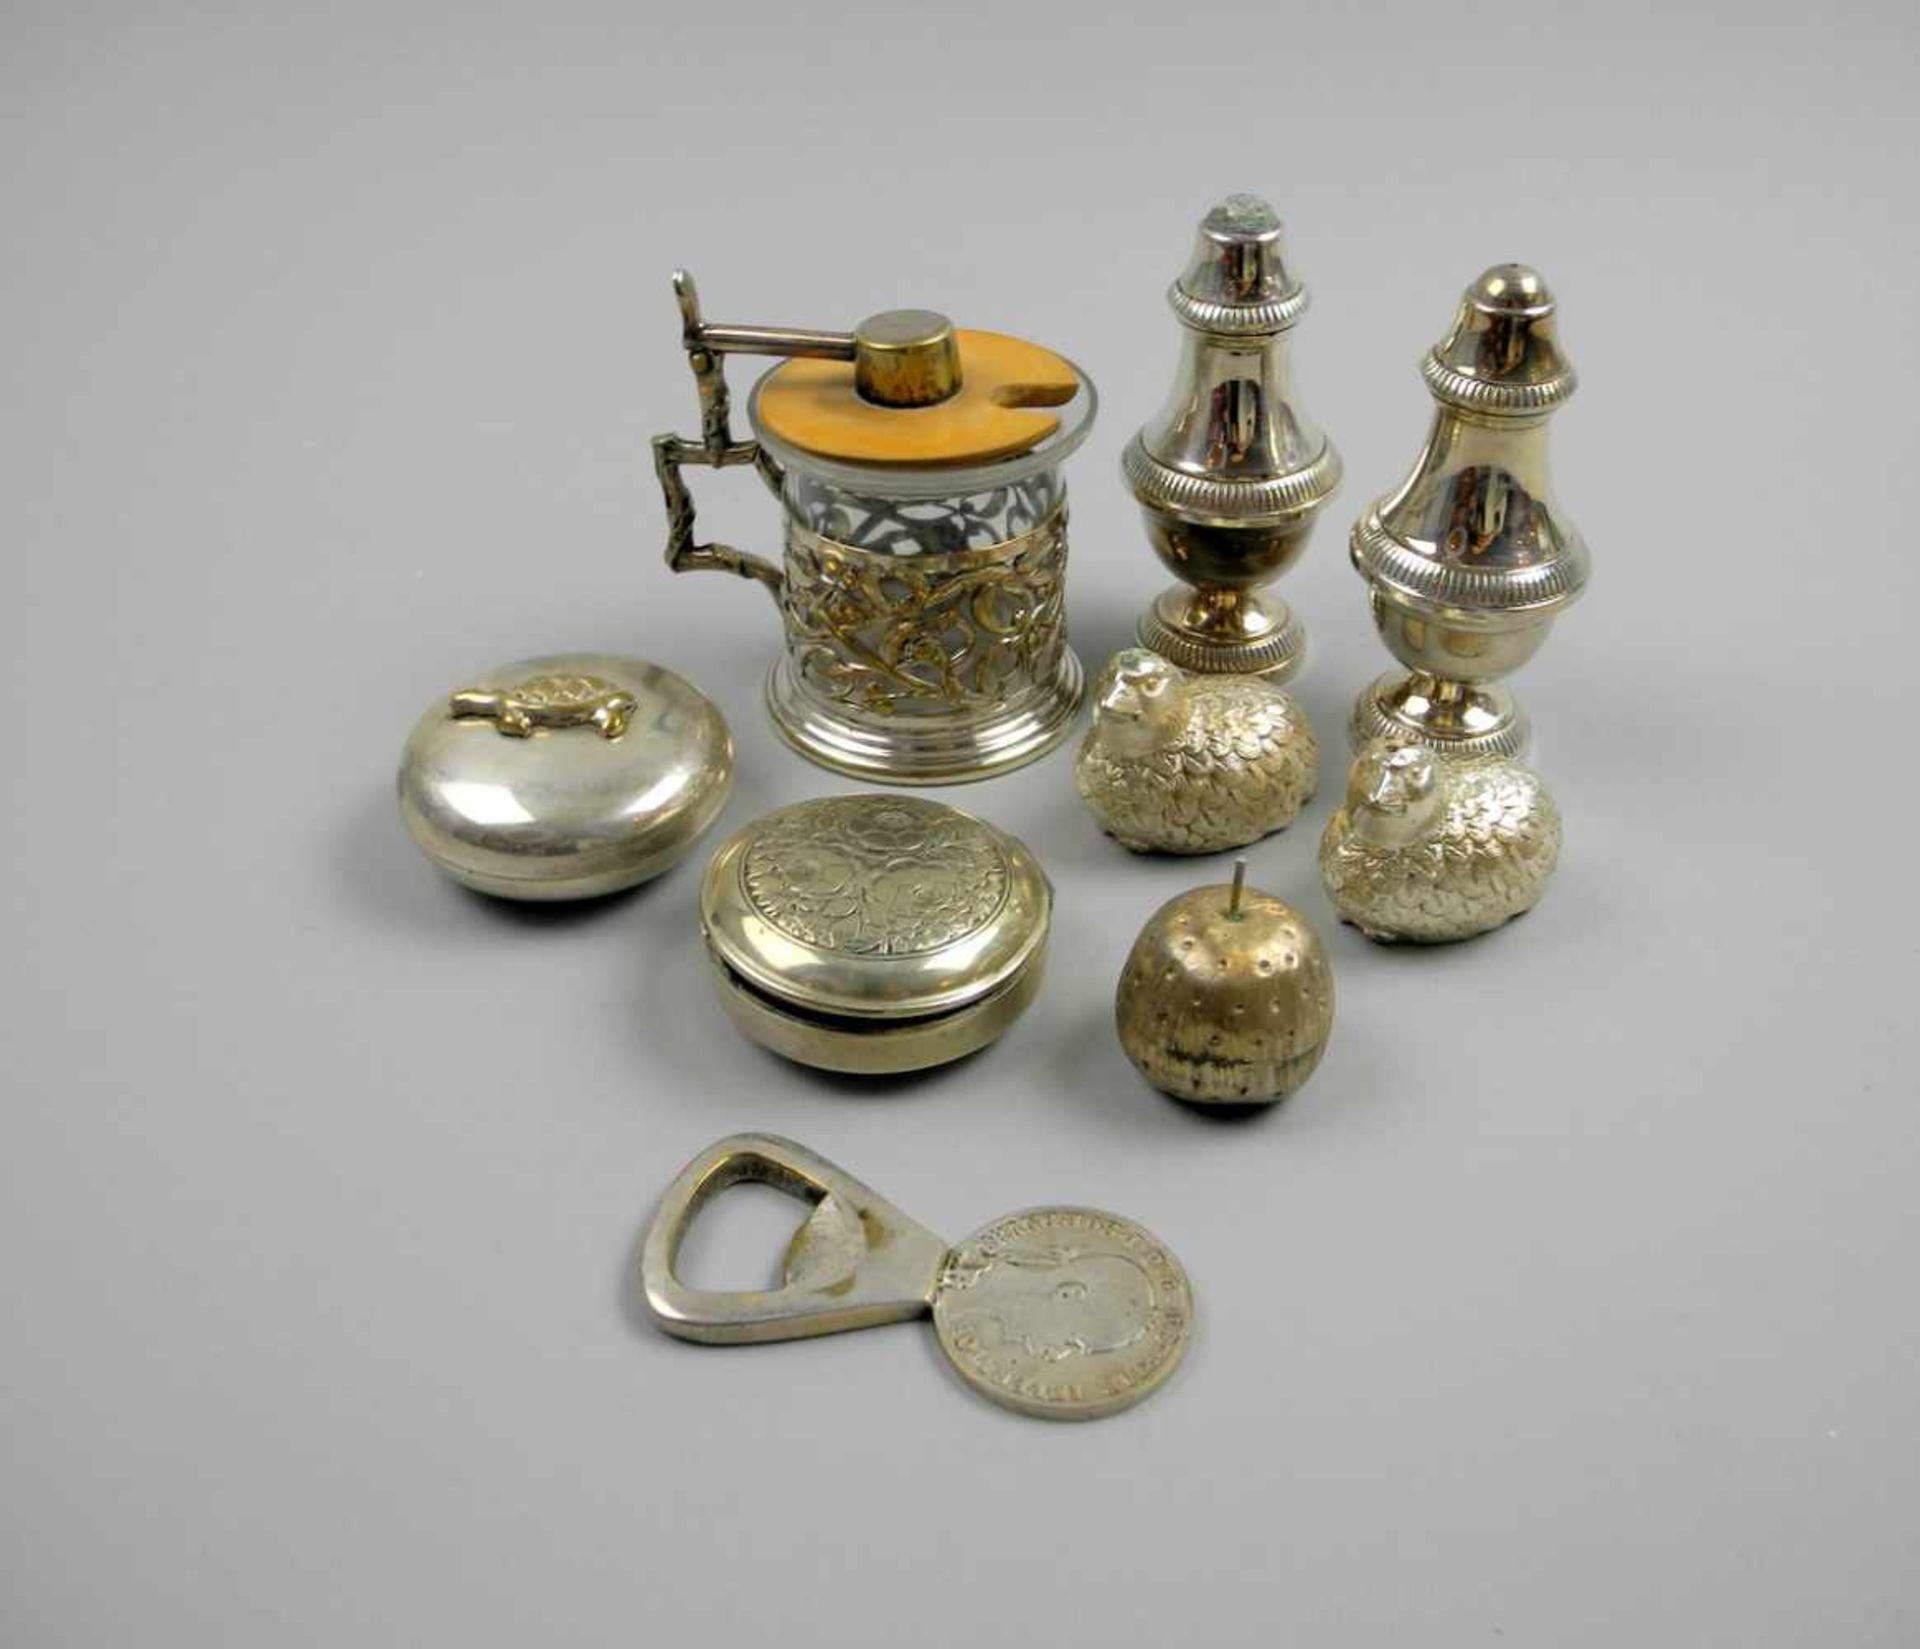 Los 49 - Konvolut von KleinteilenApfel-Dose in Sterling Silber 925, ansonsten Silber plated, jeweils